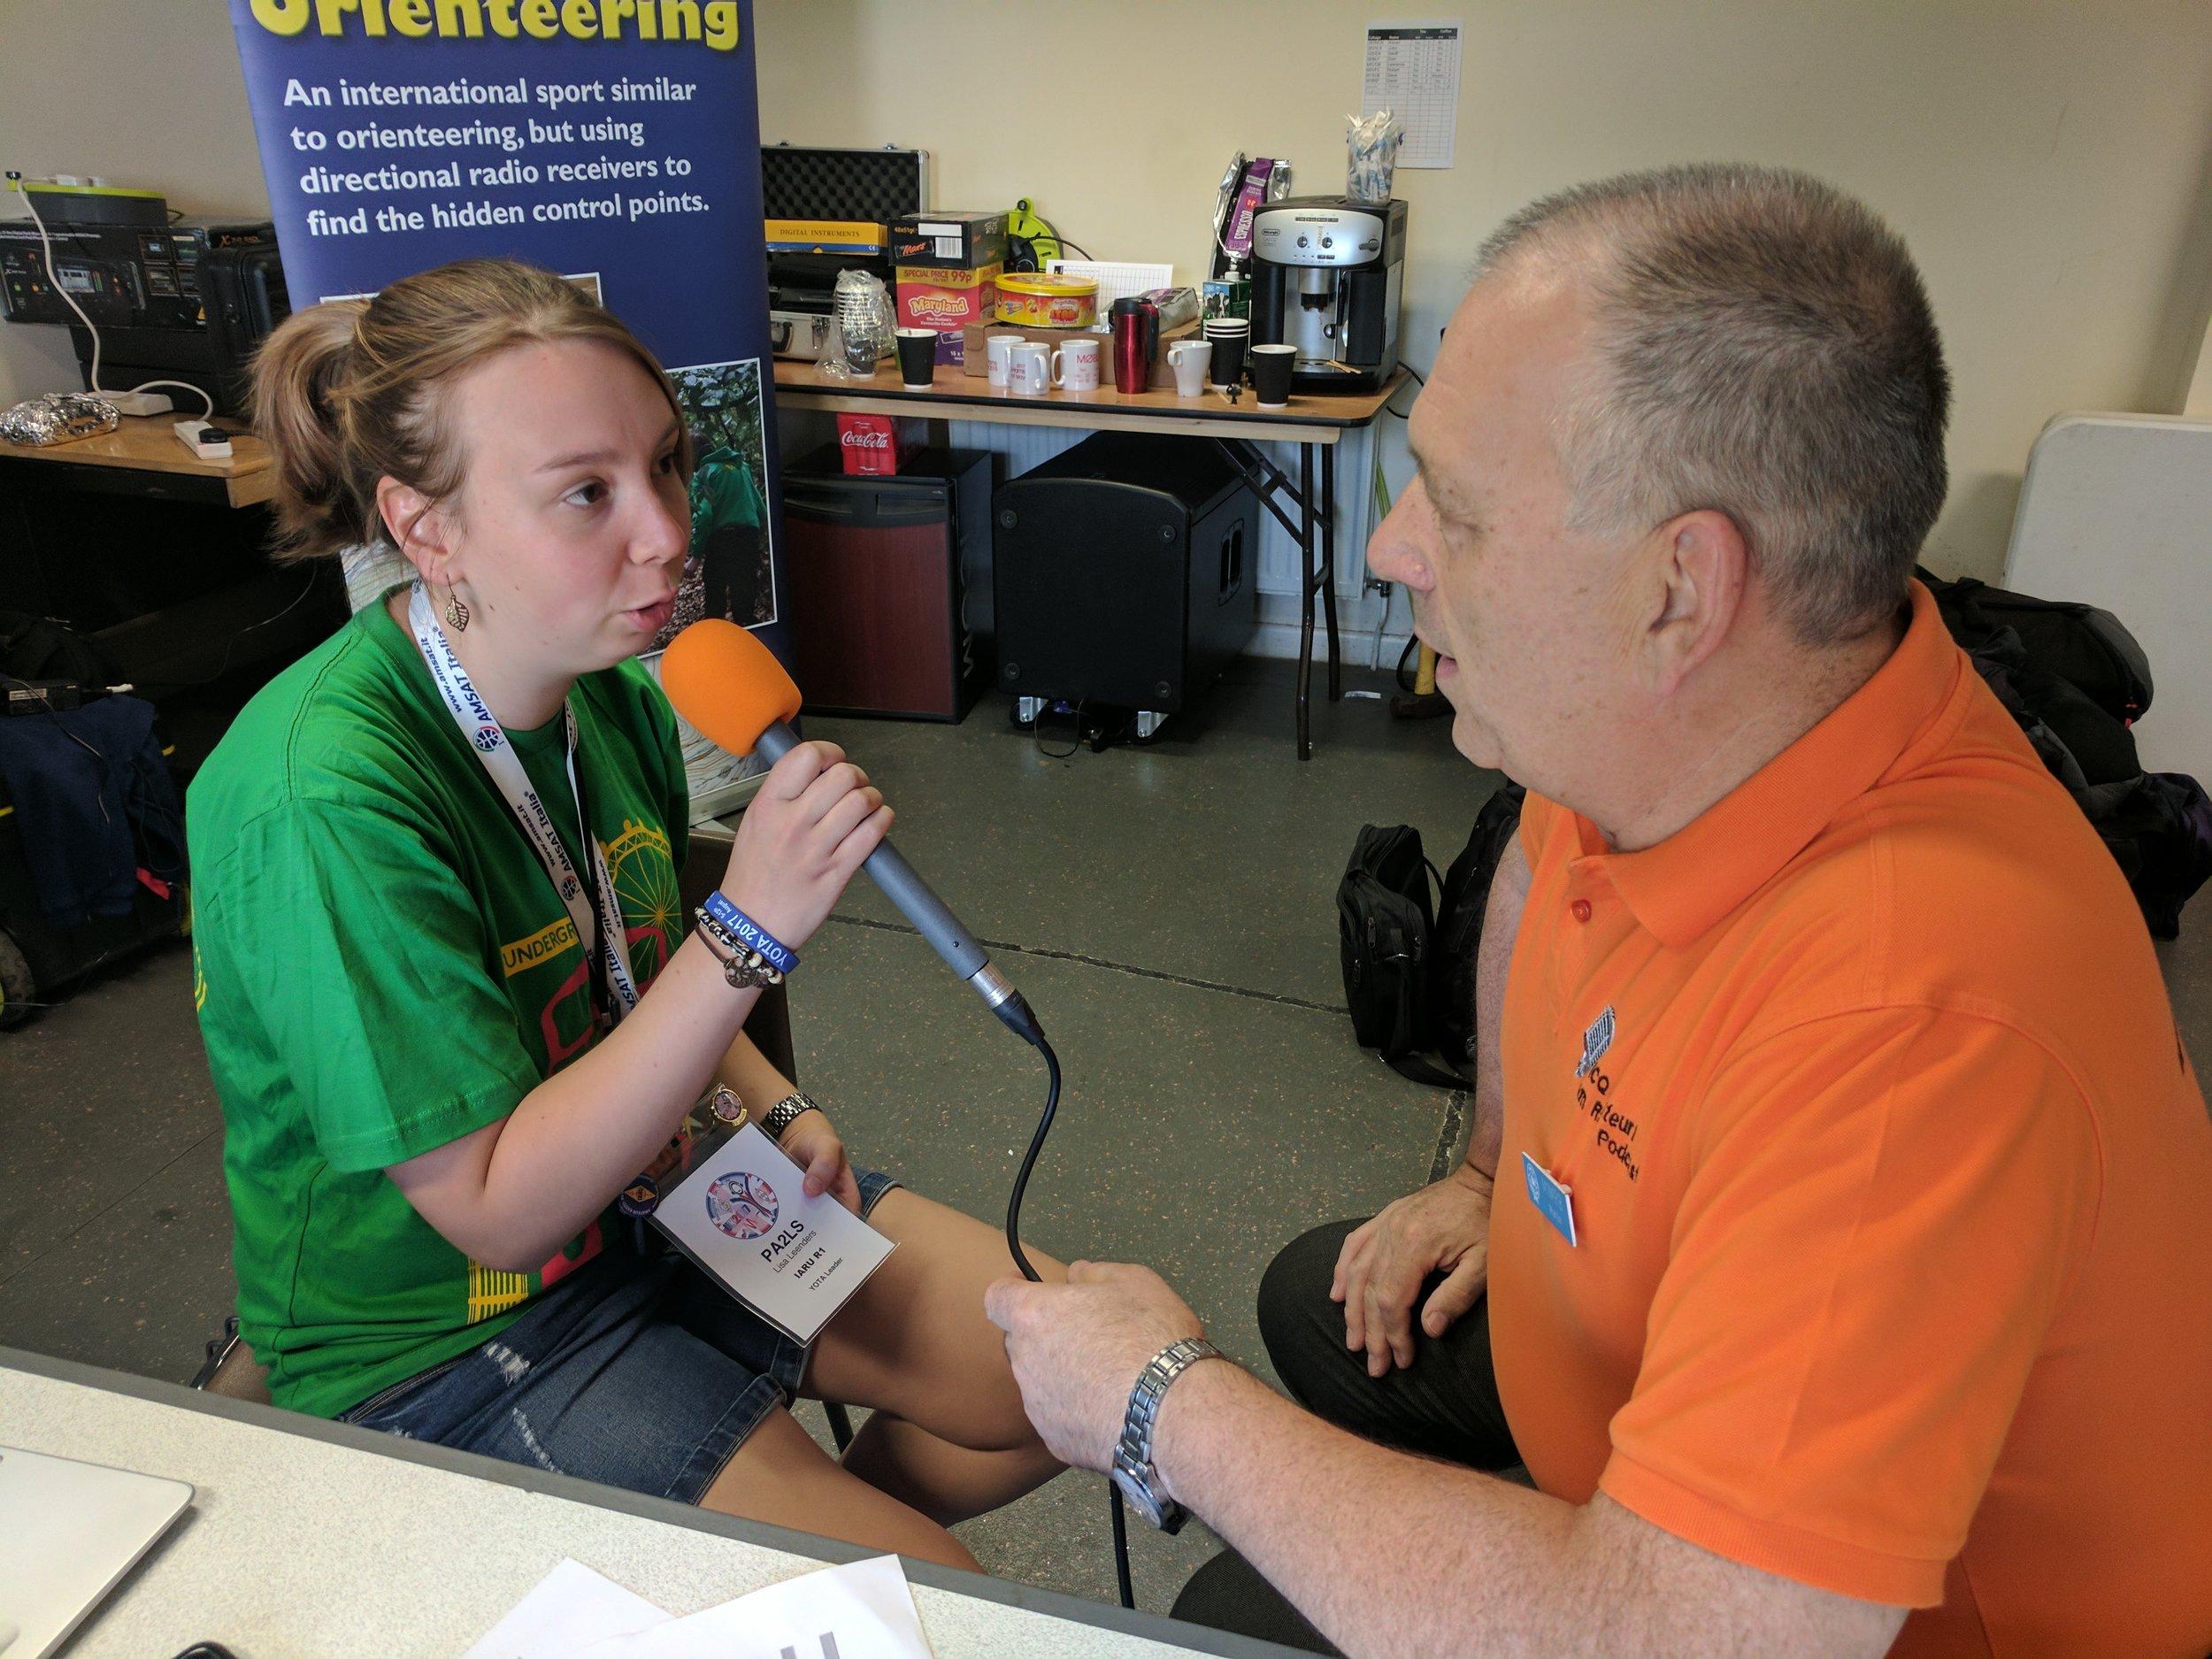 Martin Butler M1MRB/W9ICQ interviews PA2LS